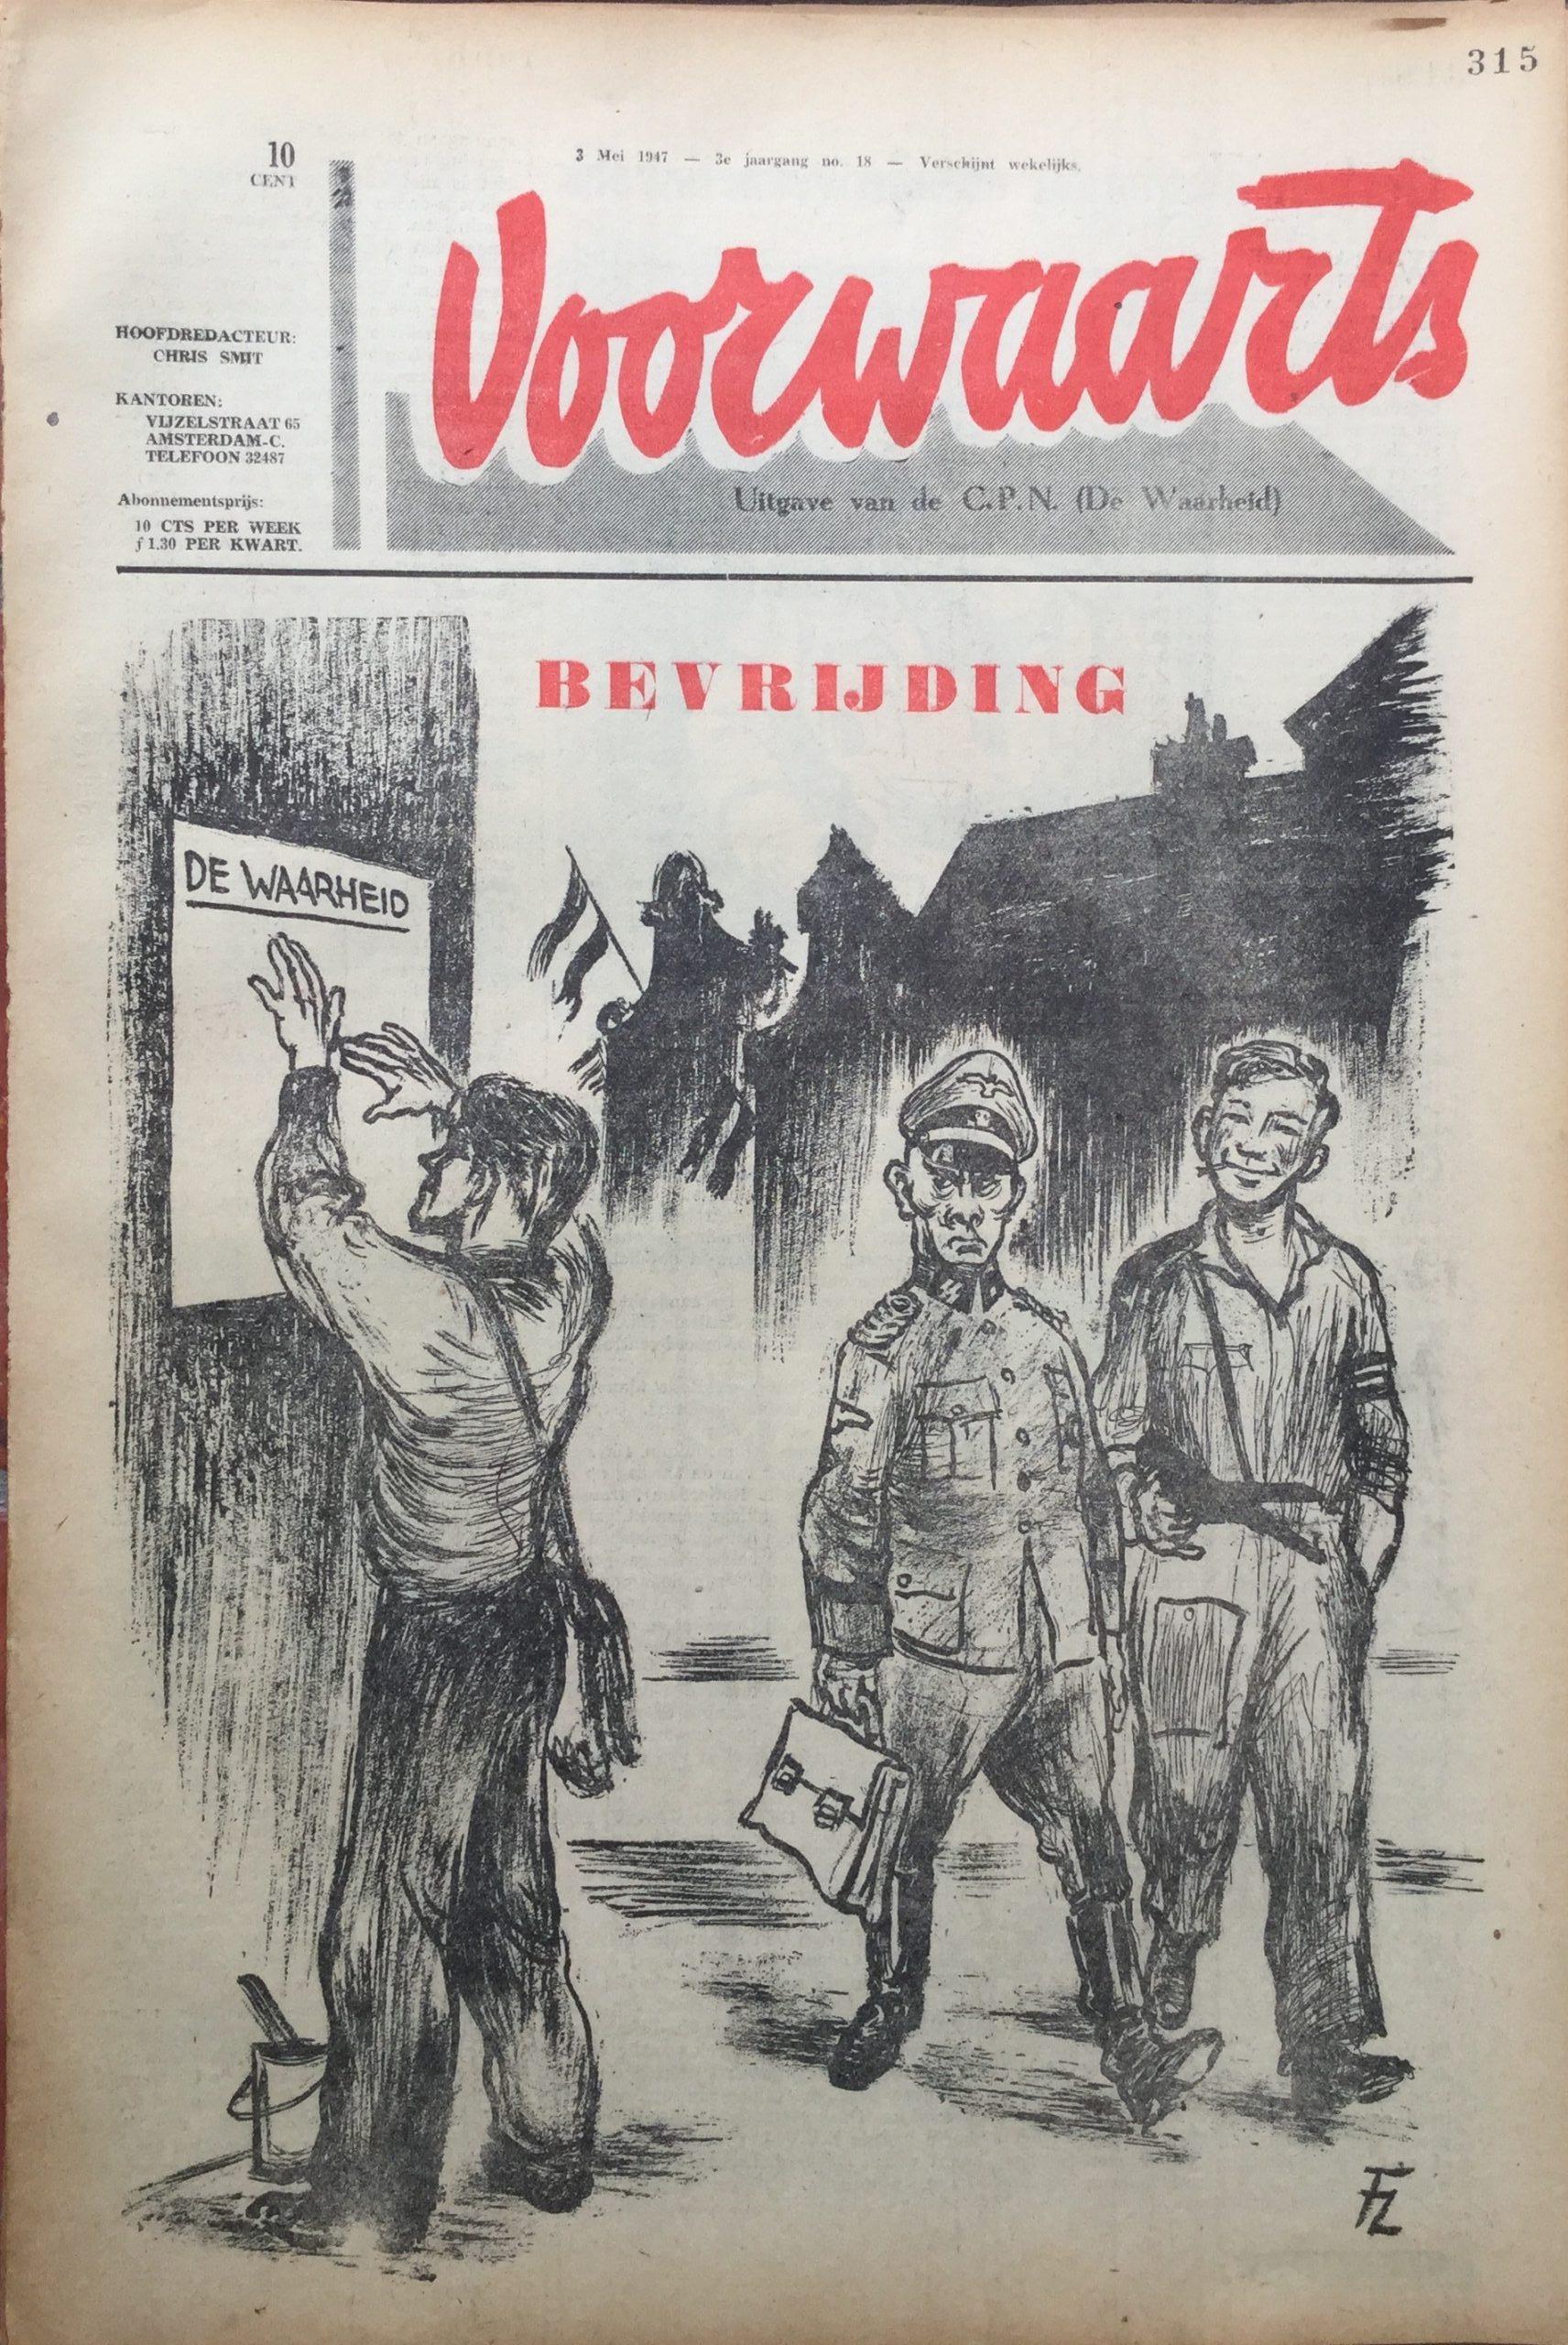 Fritz Behrendt voldaanheid over de overwinning op de Duitsers. Voorwaarts, Bevrijdingsnummer 2 mei 1947